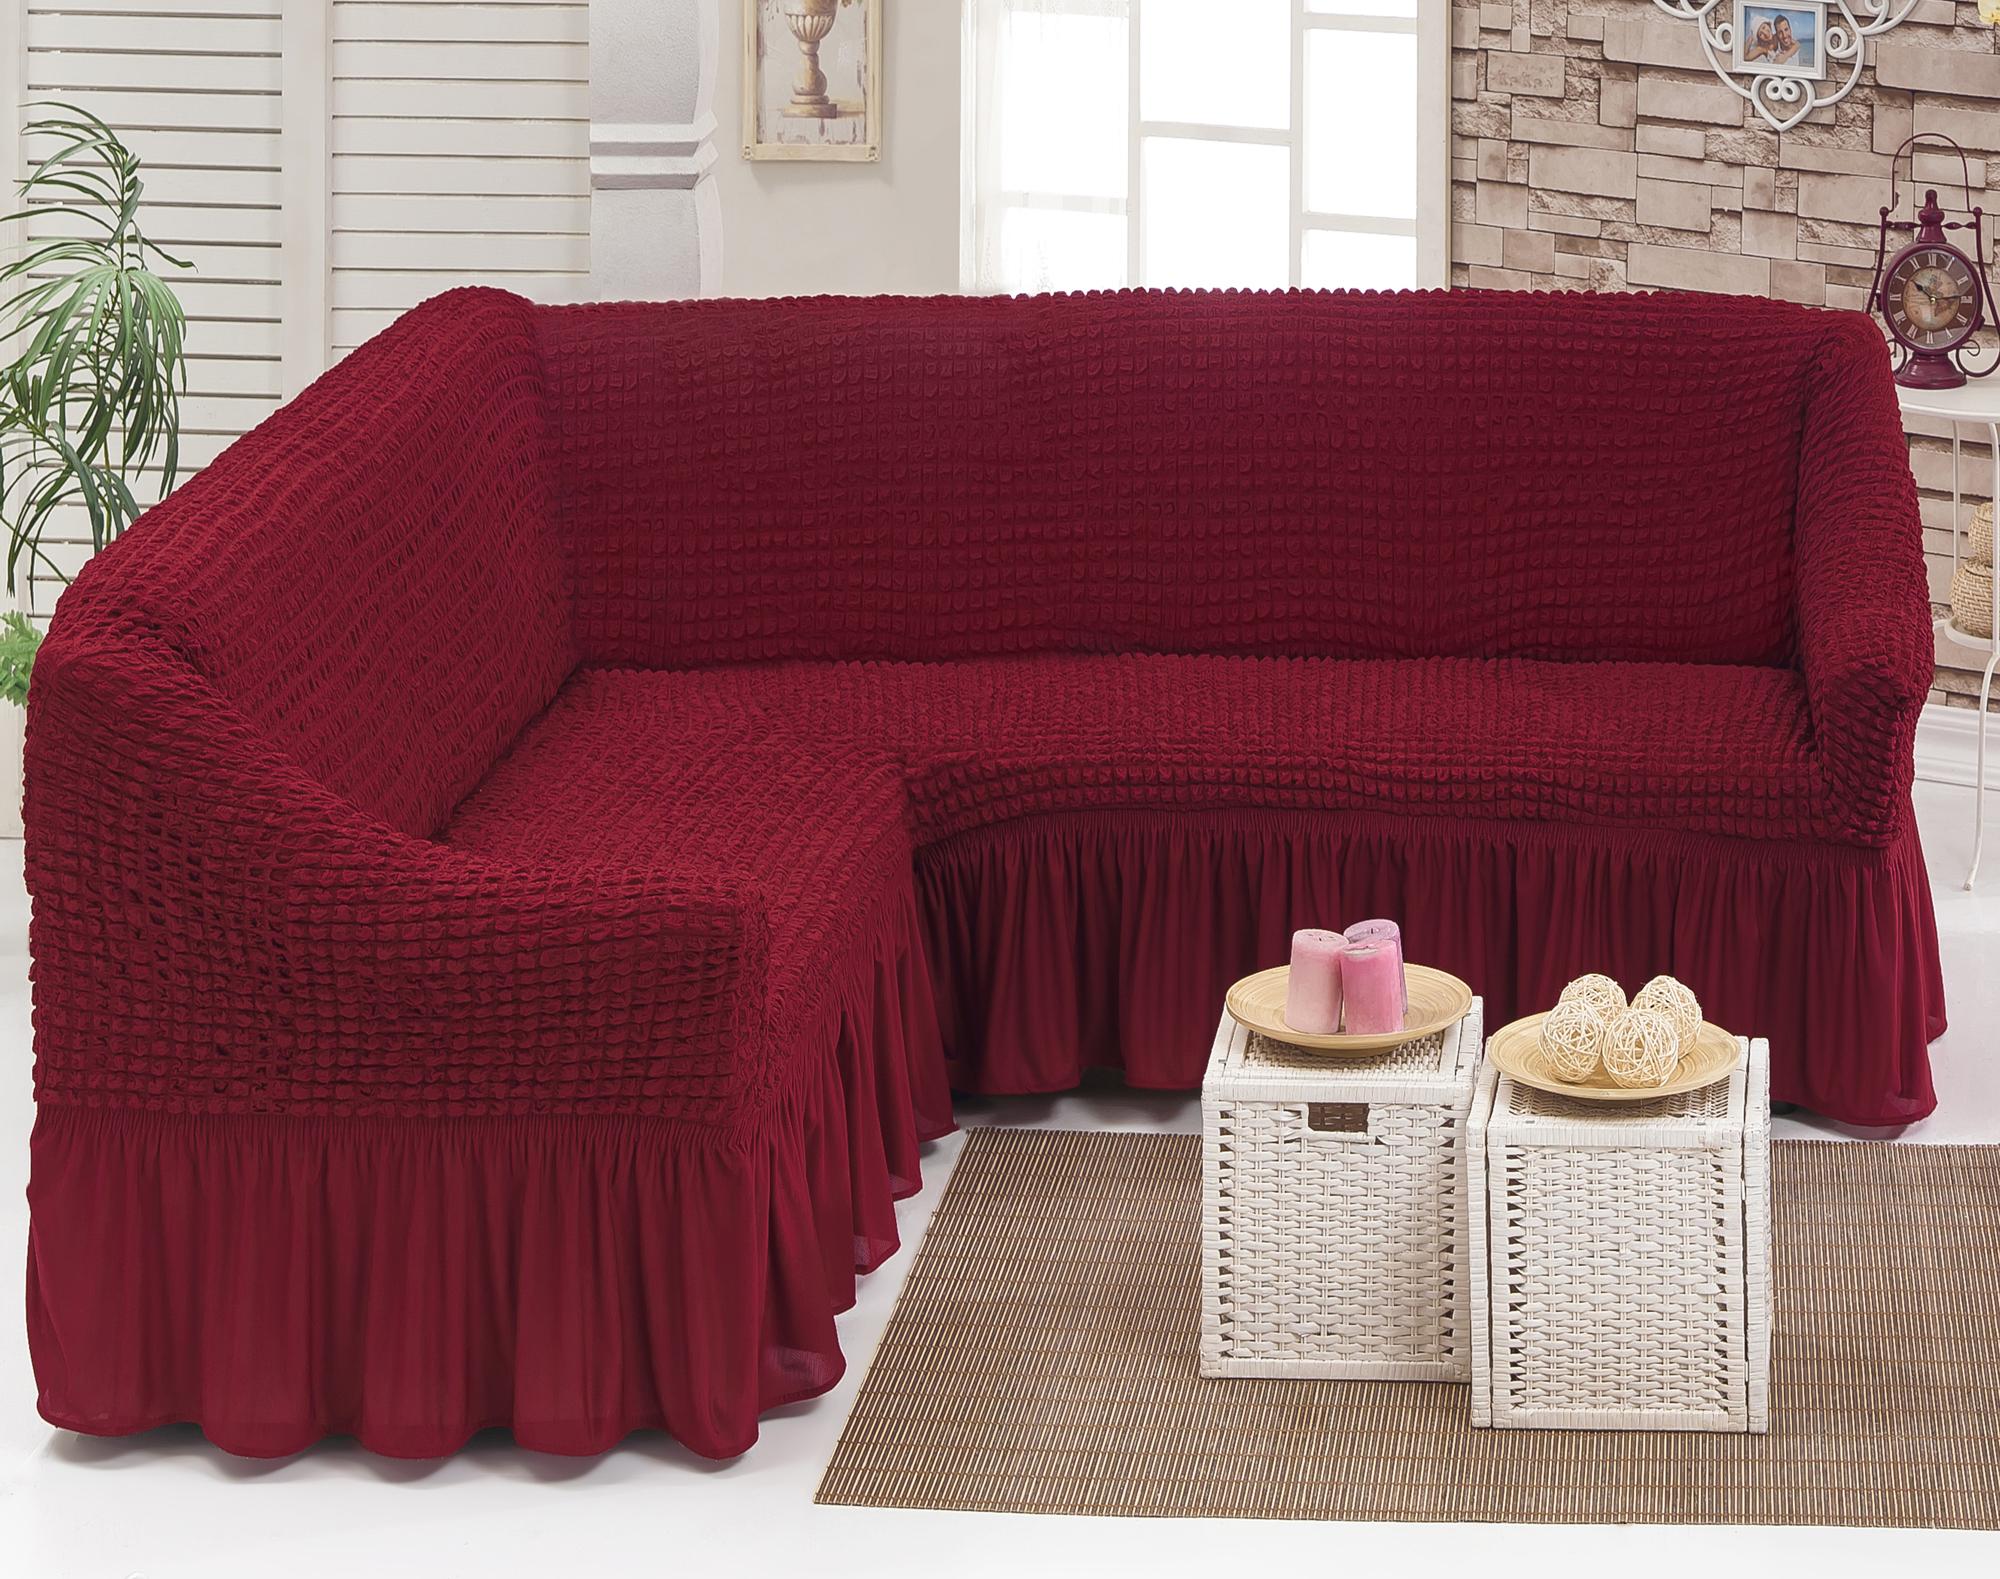 Чехлы на кухонный диванчик